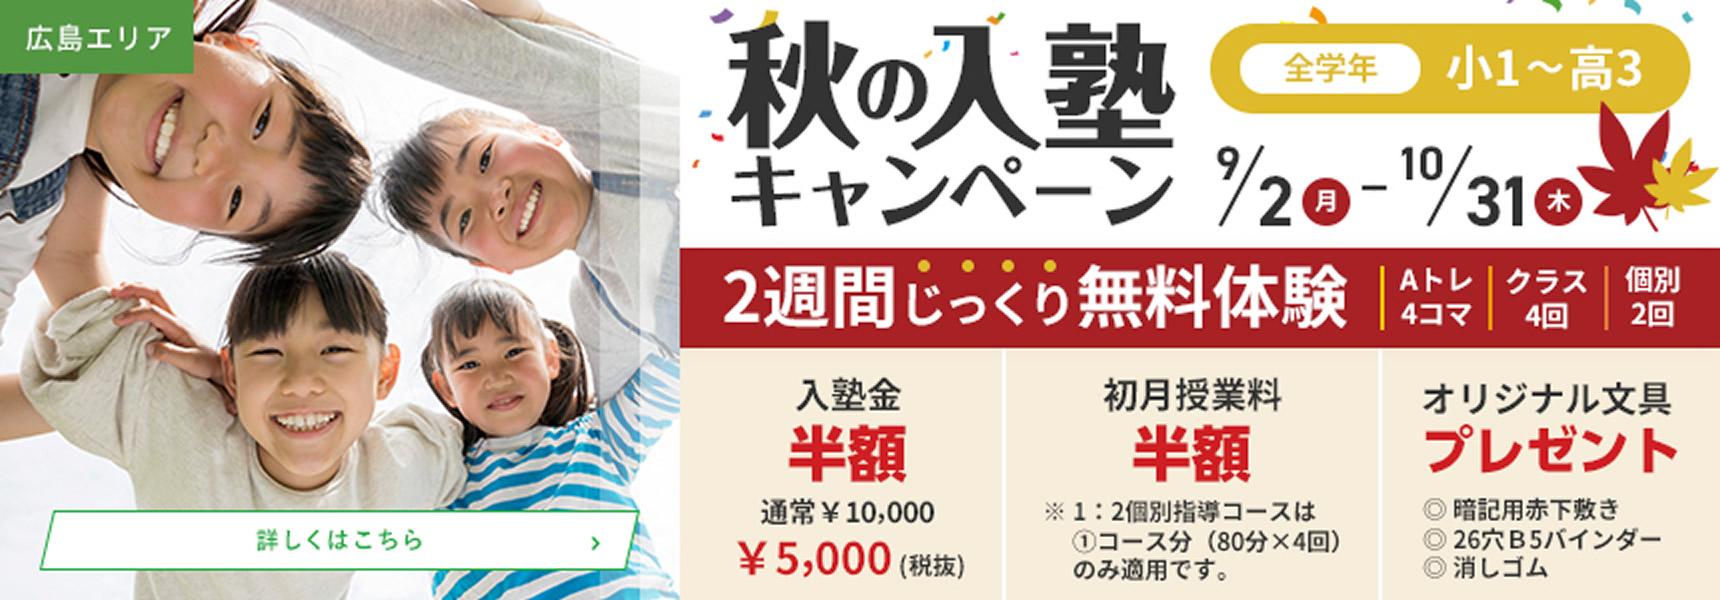 秋の入塾キャンペーン